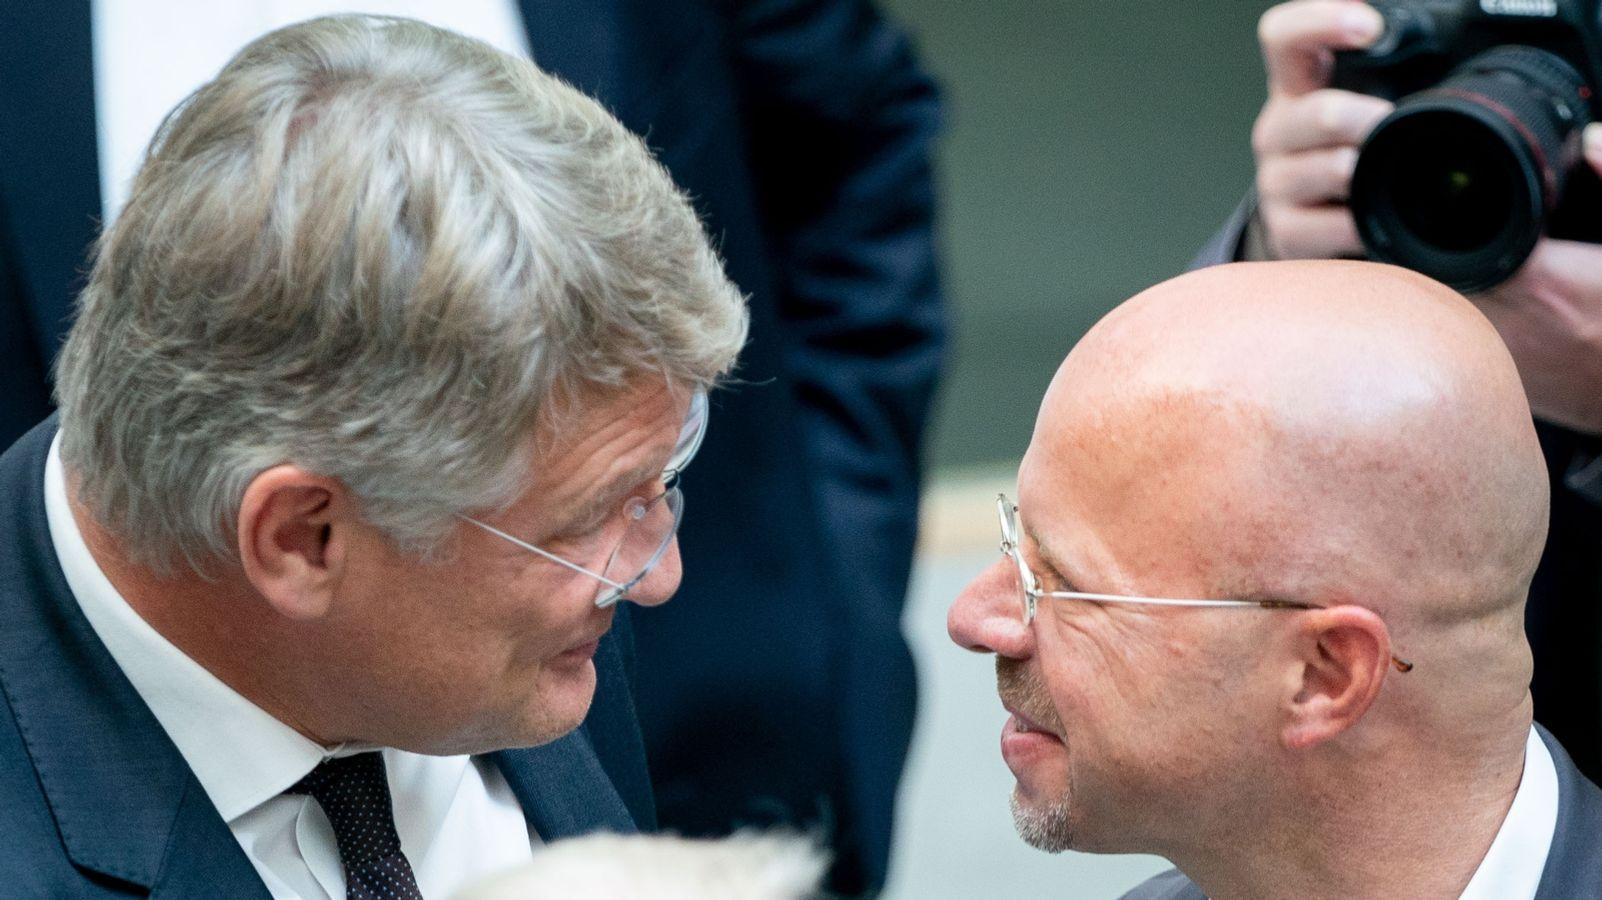 Machtkampf Meuthen gegen Kalbitz: Quo vadis, AfD?